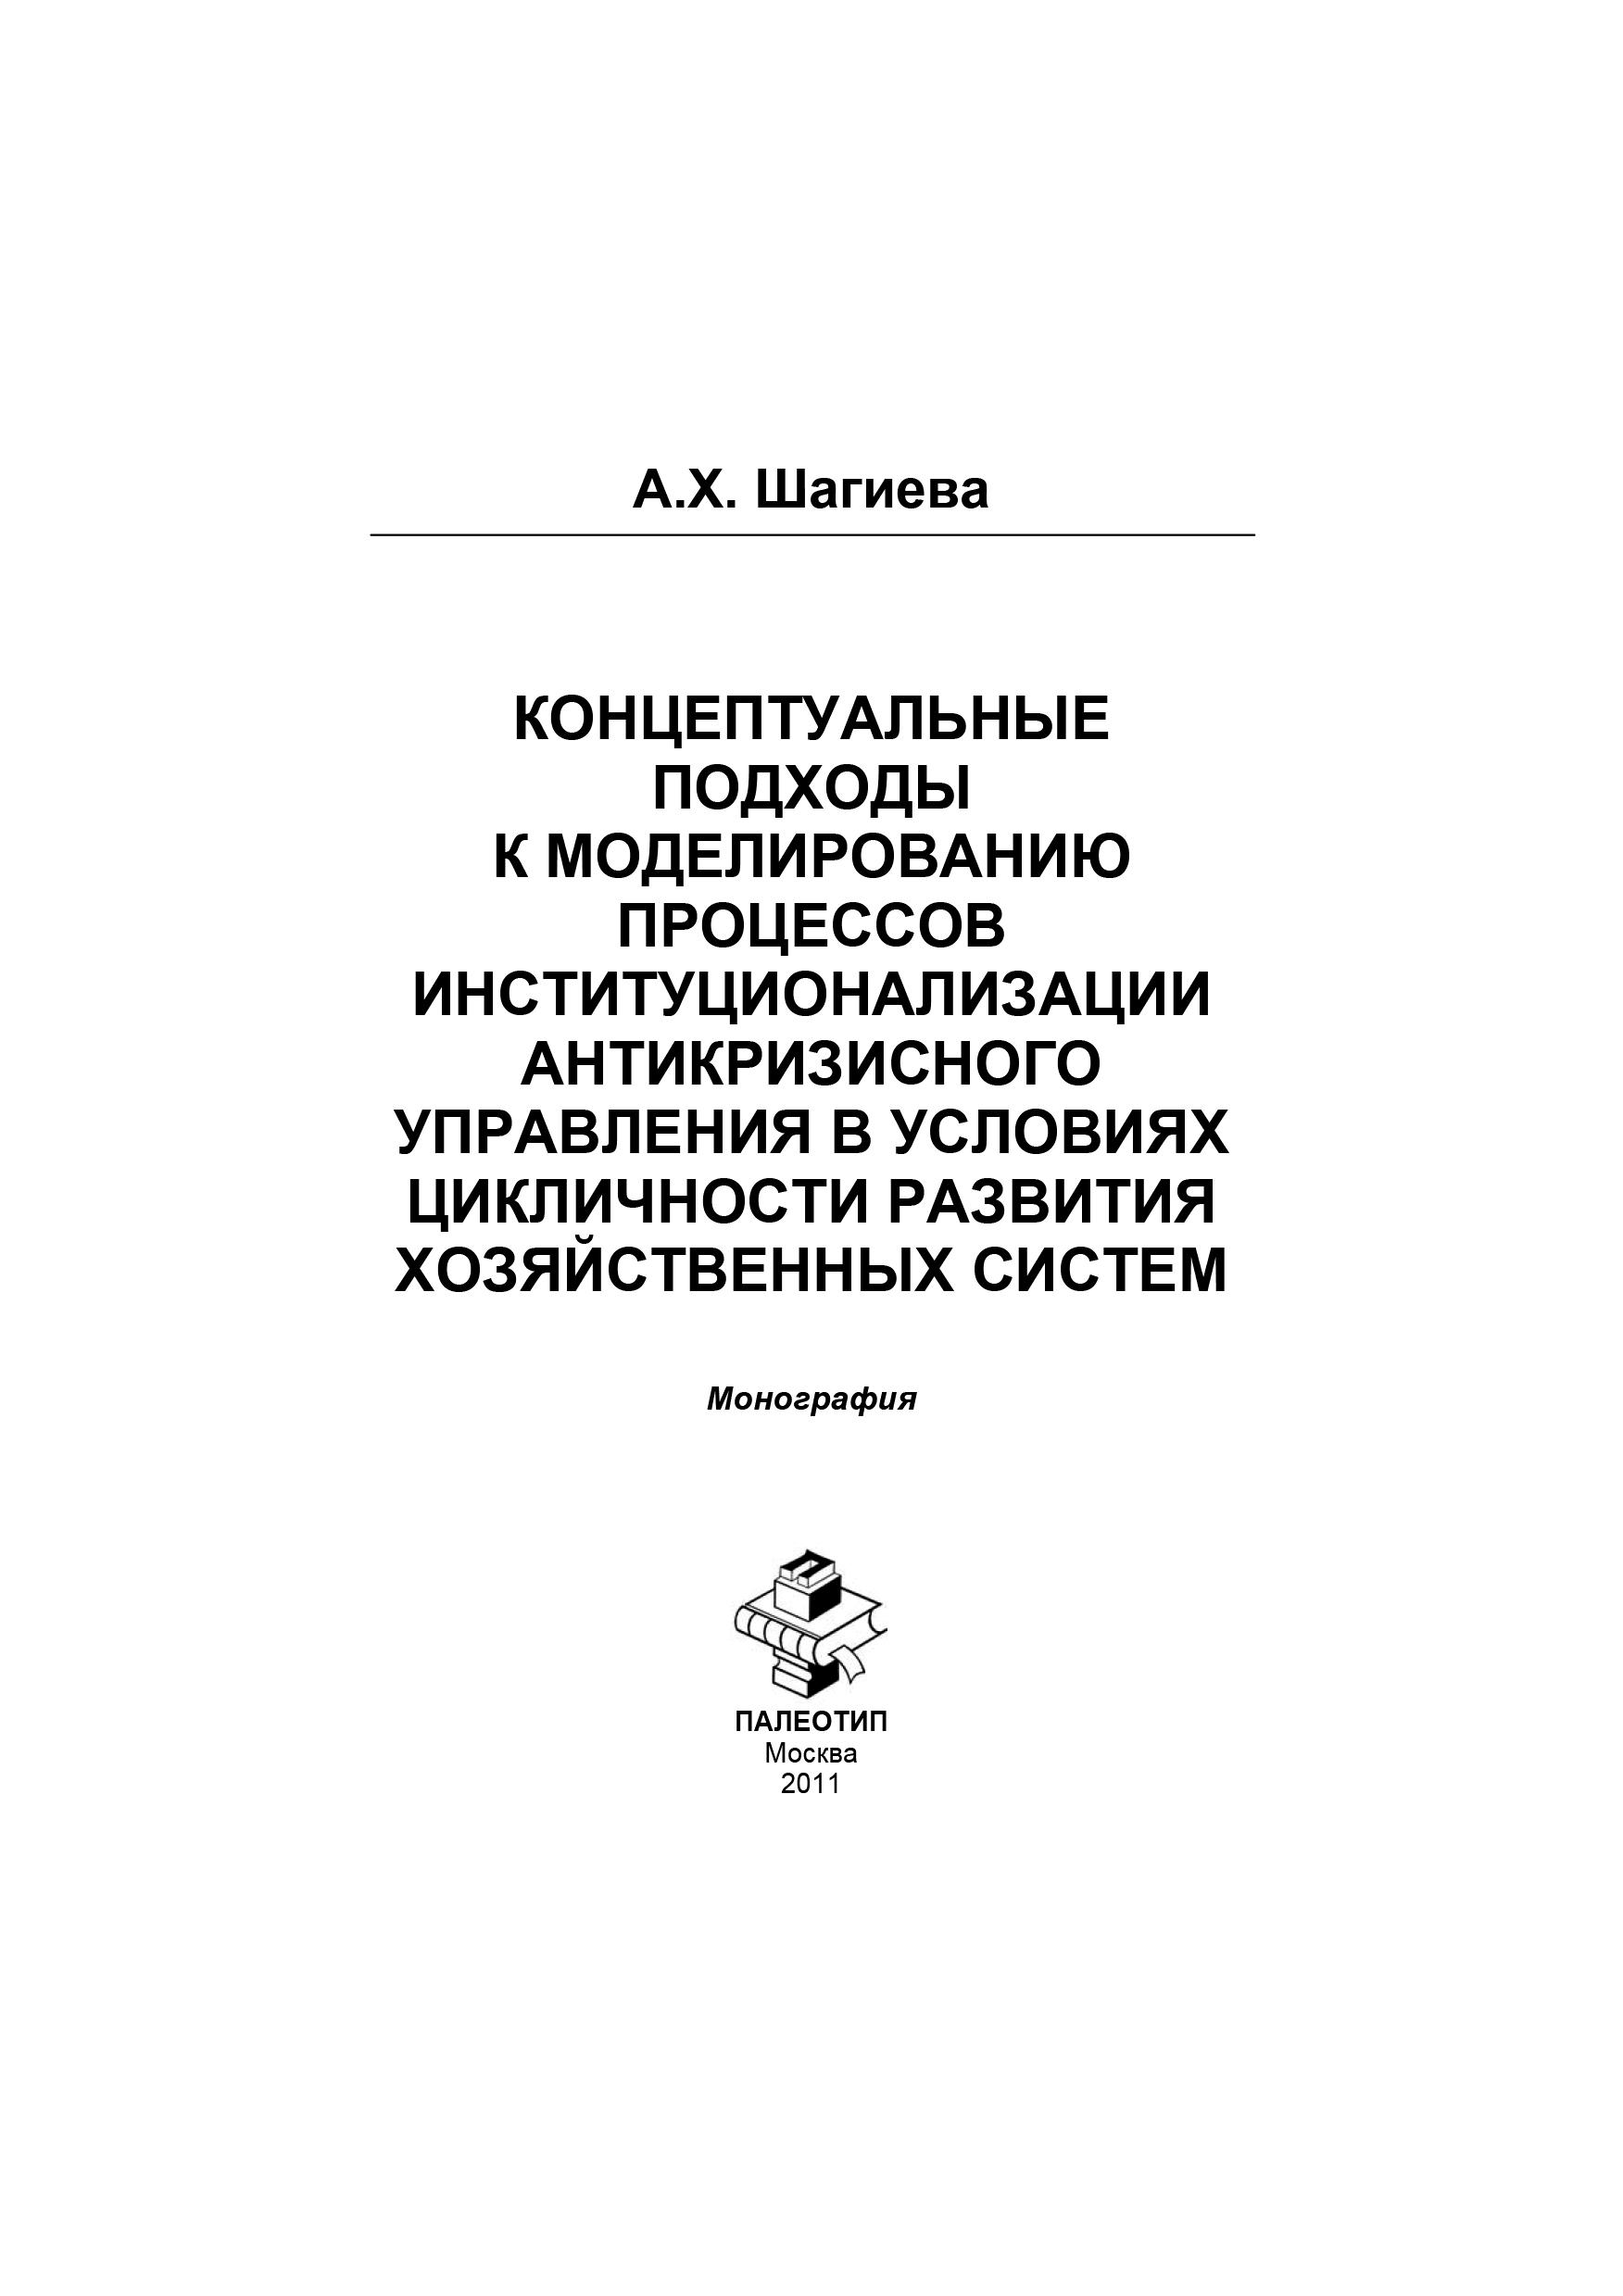 А. Шагиева Инфраструктурное обеспечение инновационного развития экономики коллектив авторов социальные аспекты антикризисного управления